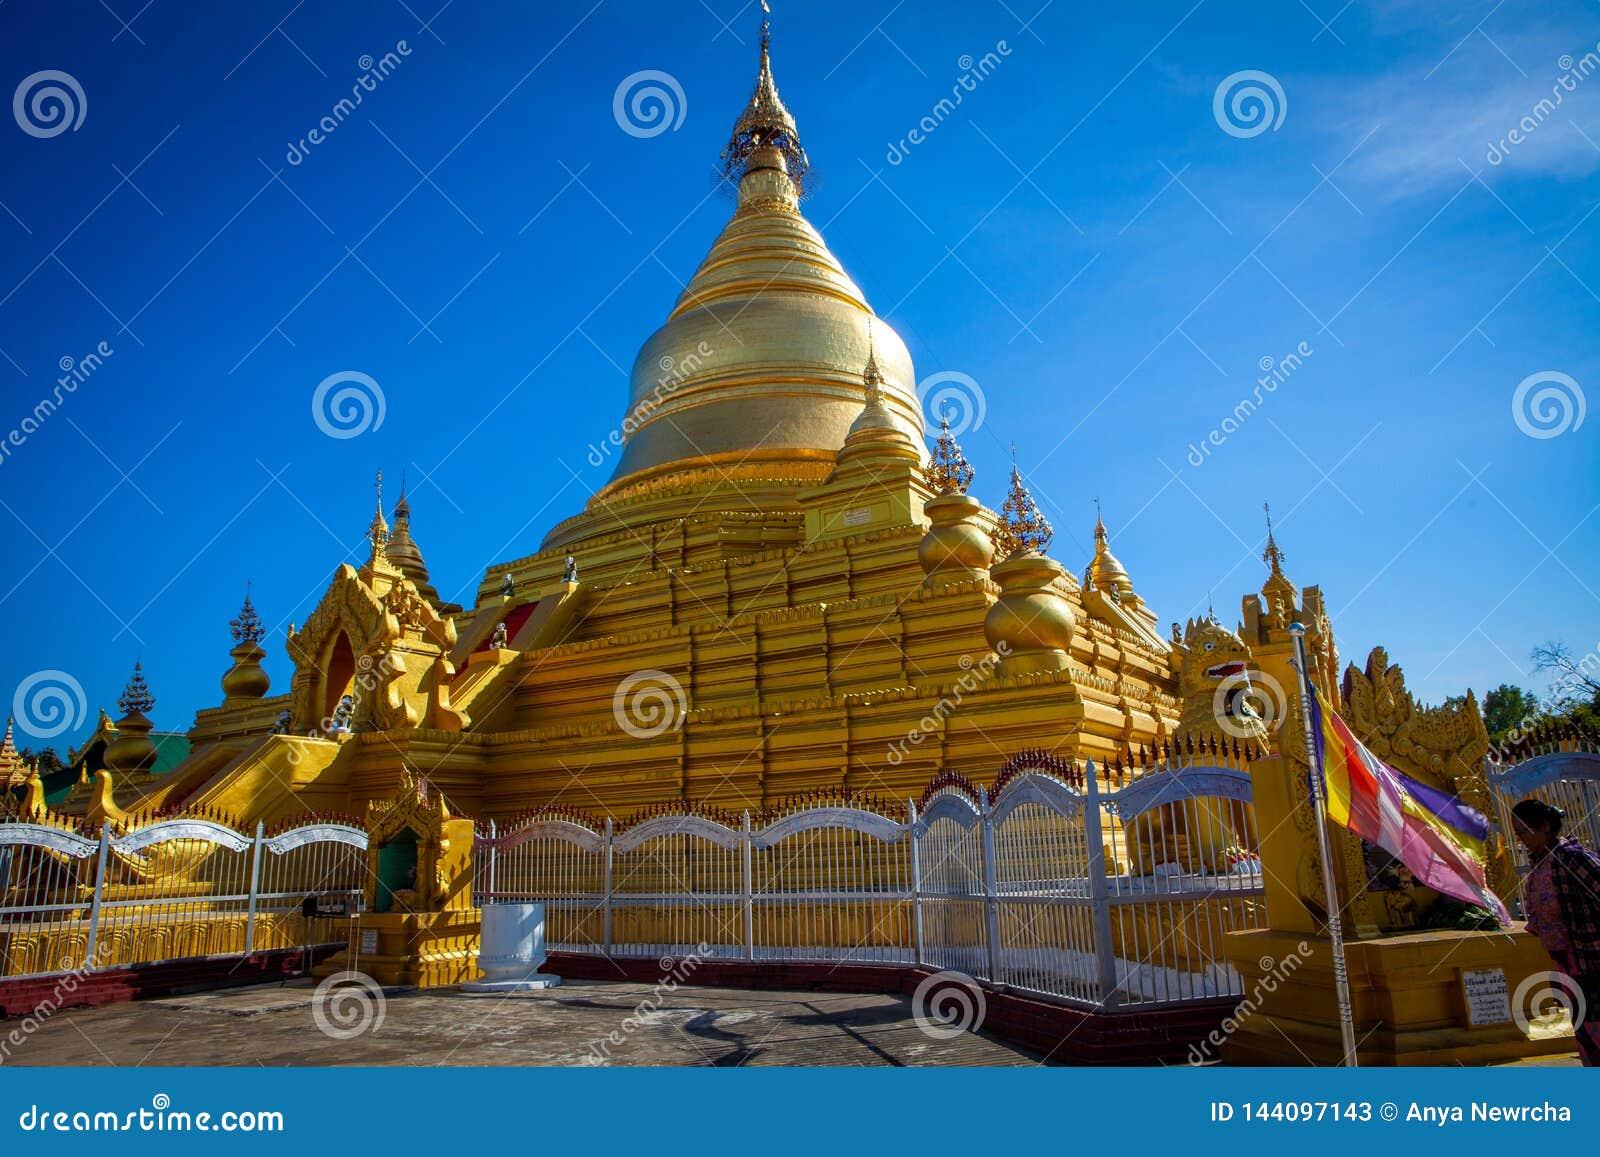 View to Kuthodaw pagoda in Mandalay, Myanmar